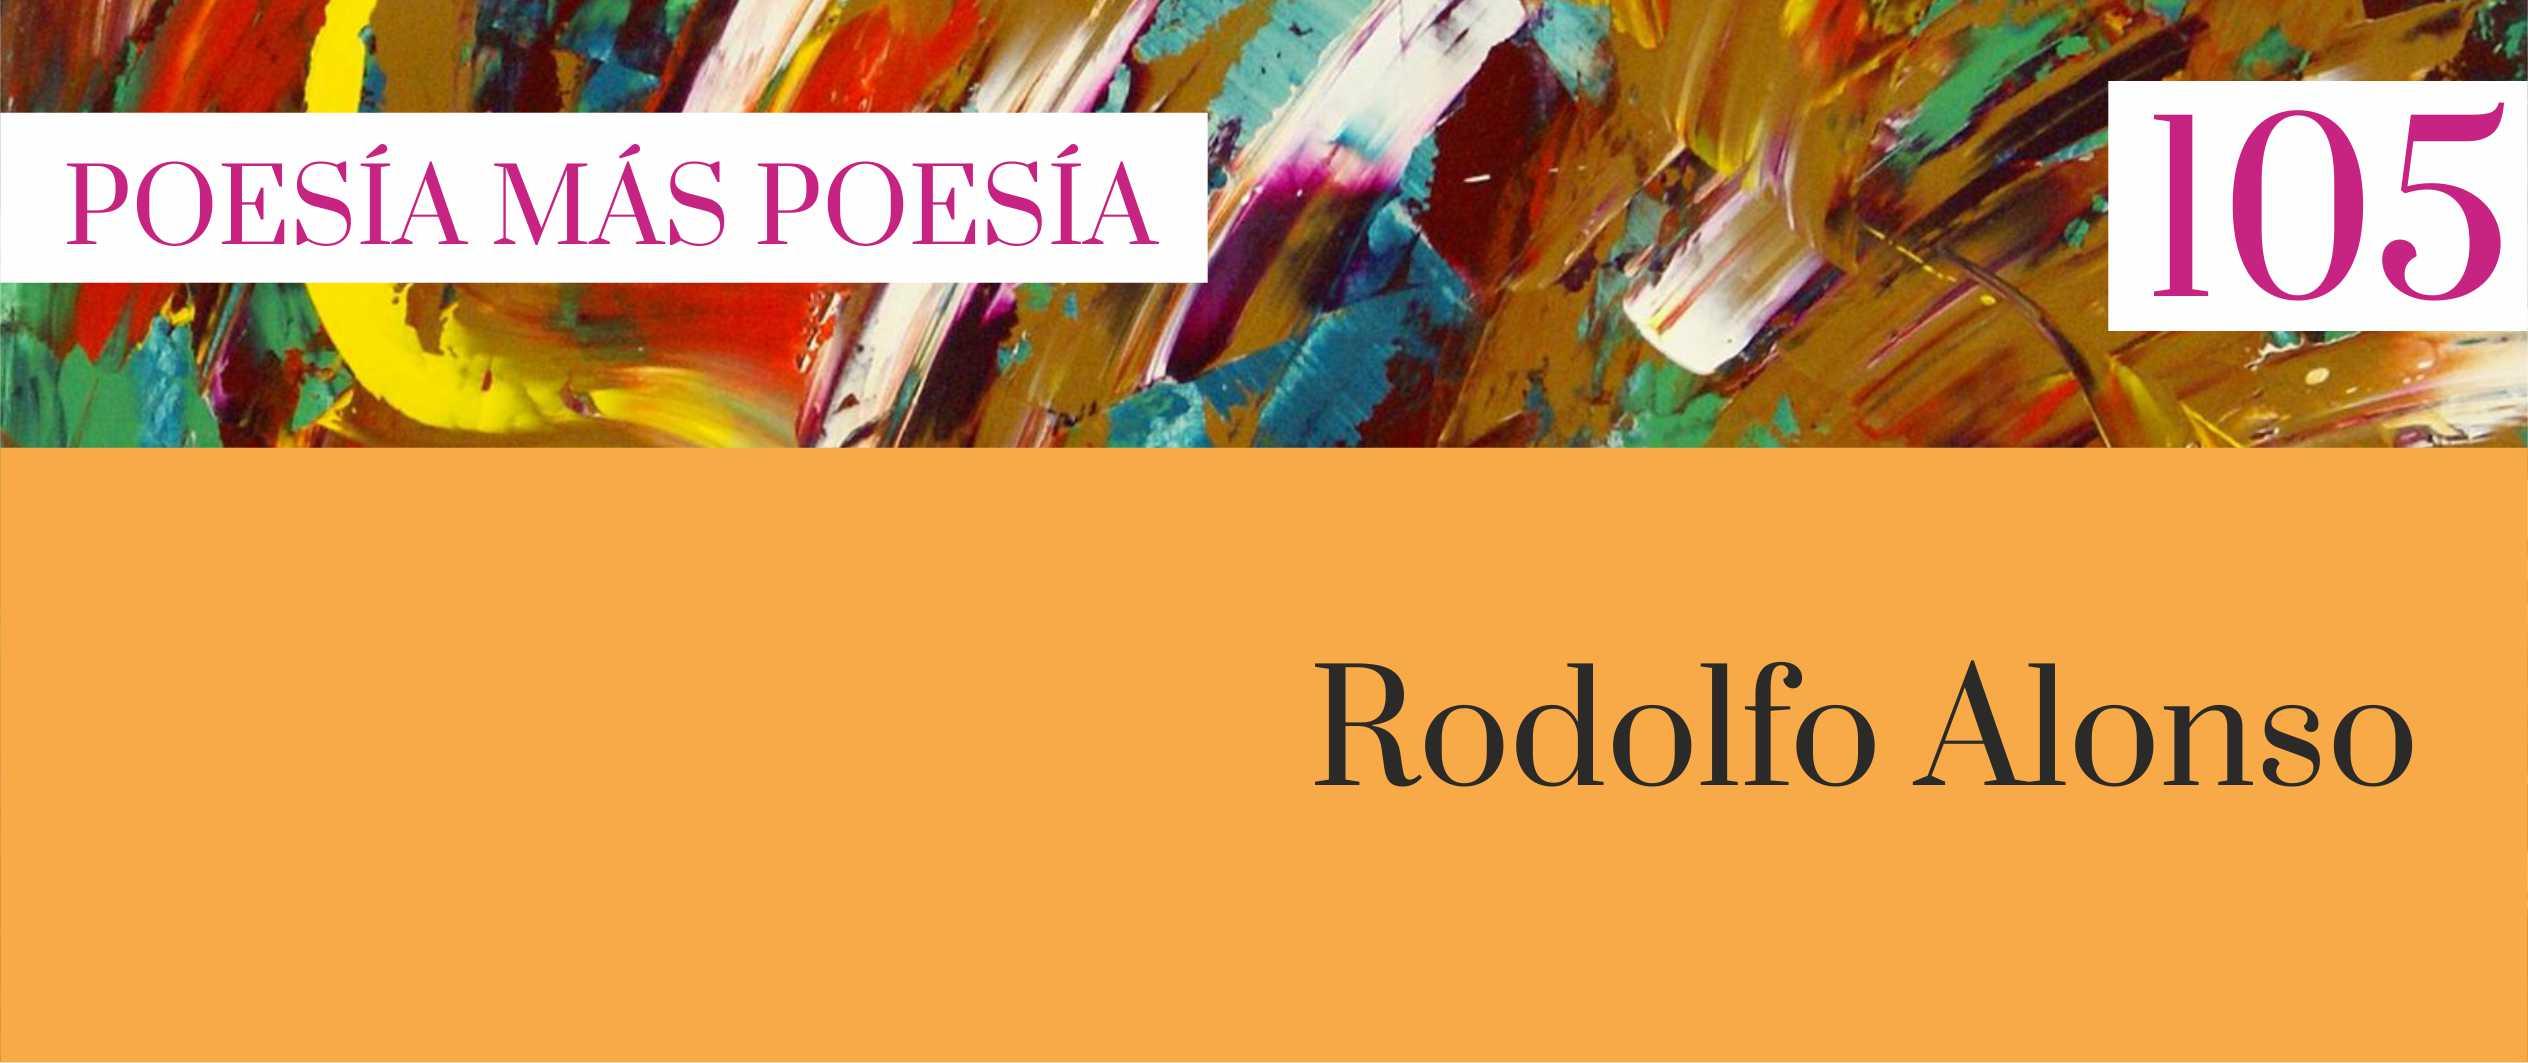 105 Poesía más Poesía: Rodolfo Alonso